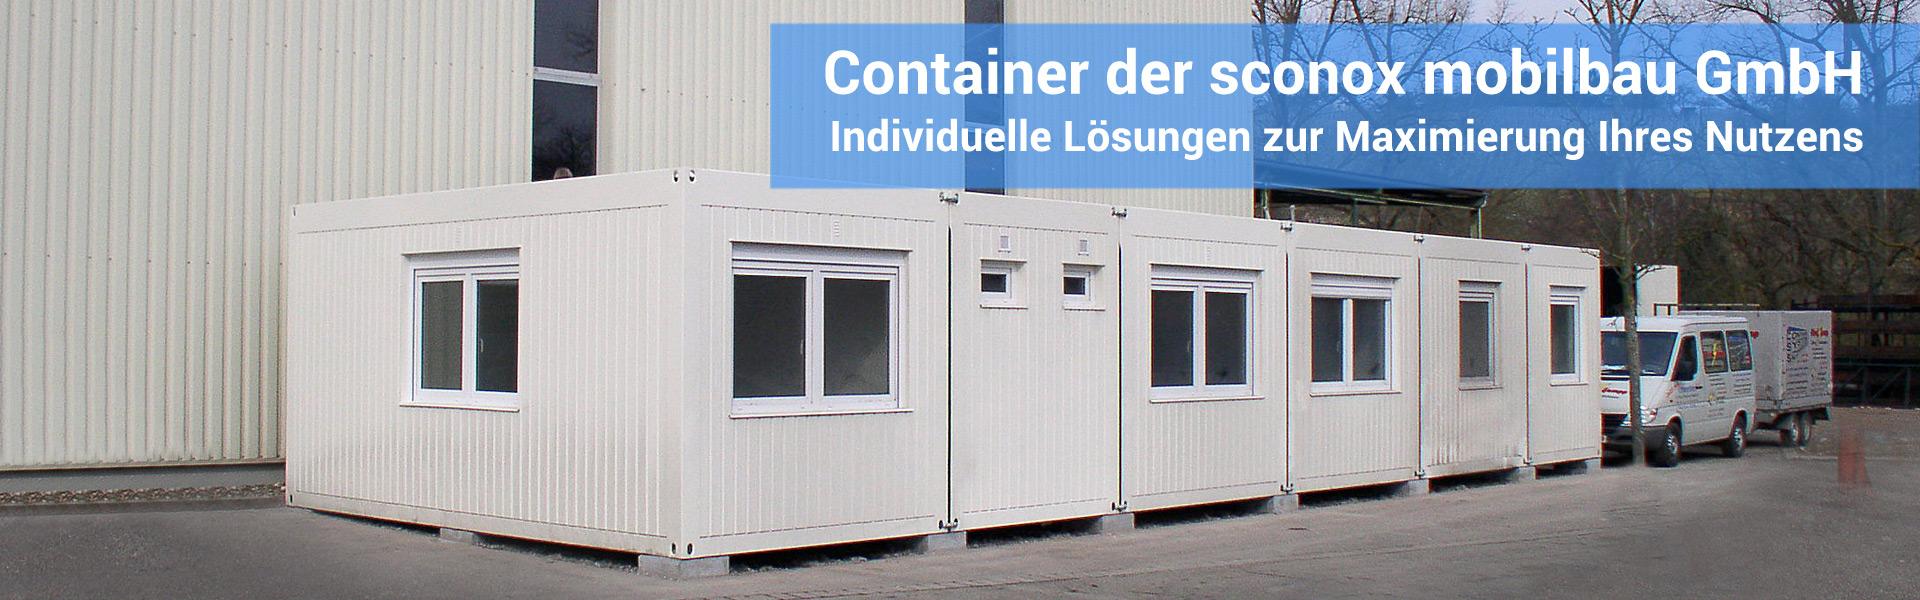 preise und beispiele f r b rocontainer und wohncontainer sconox. Black Bedroom Furniture Sets. Home Design Ideas